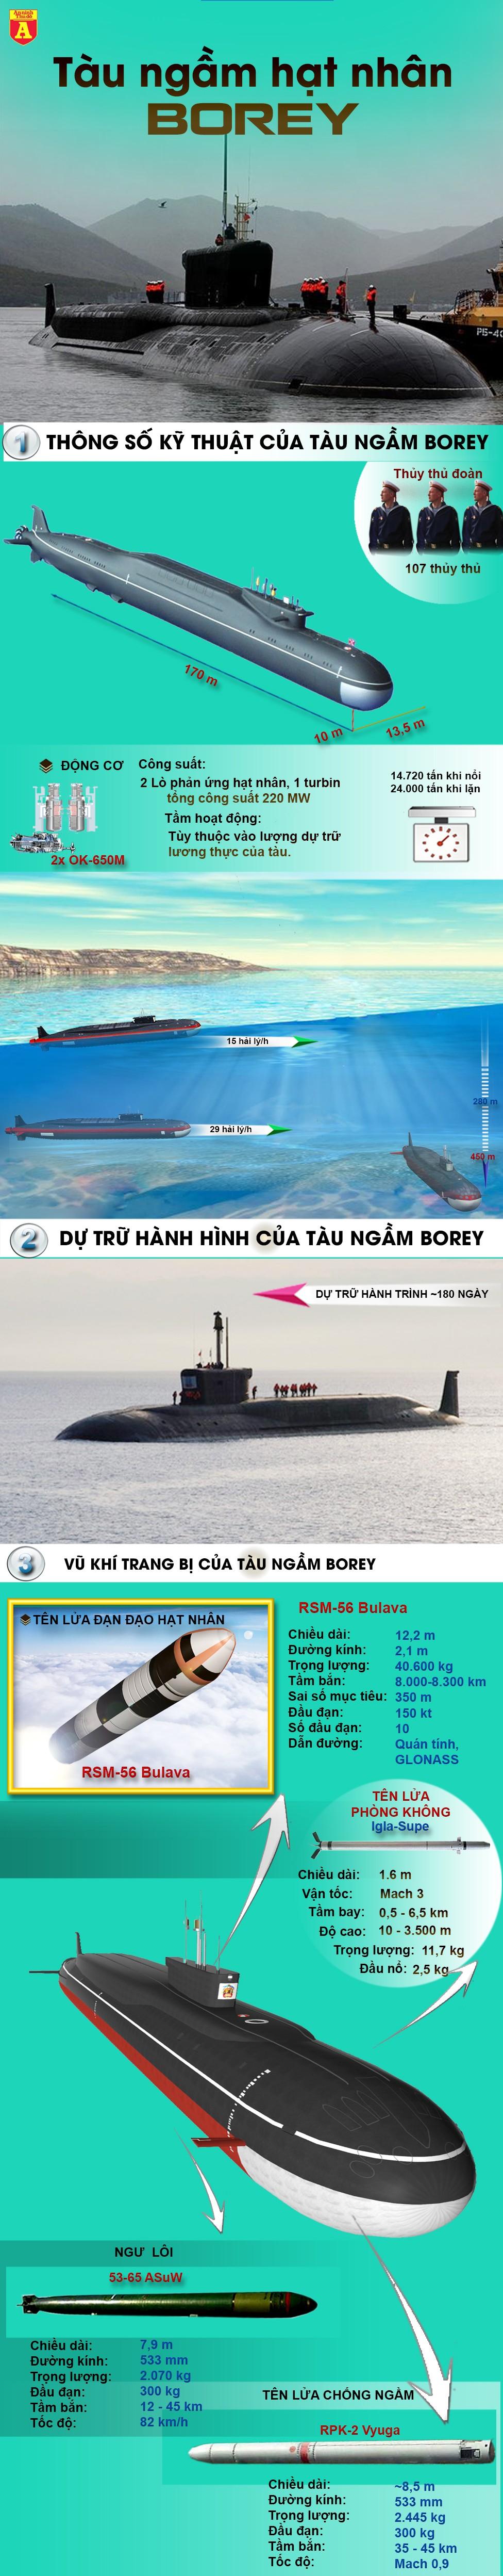 [Infographic] Sức mạnh của siêu tàu ngầm hạt nhân Nga sắp hạ thủy khiến Mỹ và Trung Quốc đều e sợ ảnh 2